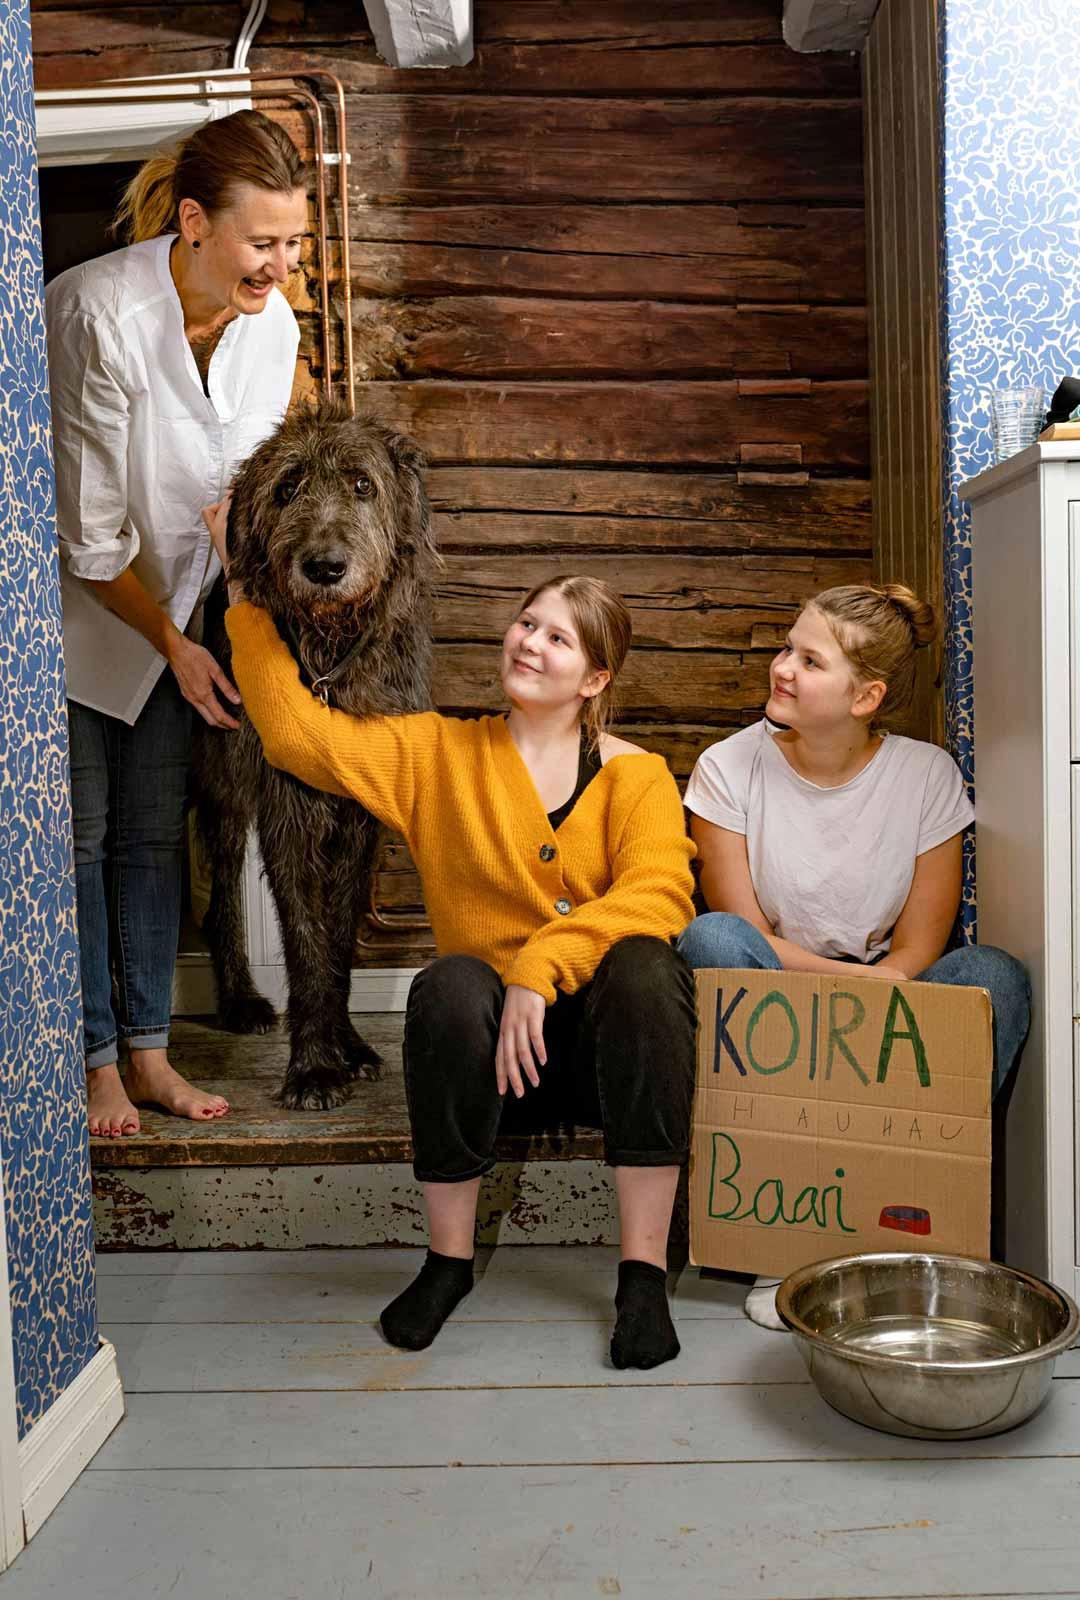 Vilda ja Vilja osallistuvat innolla kahvilan pyörittämiseen, kuin myös Svante-koira.